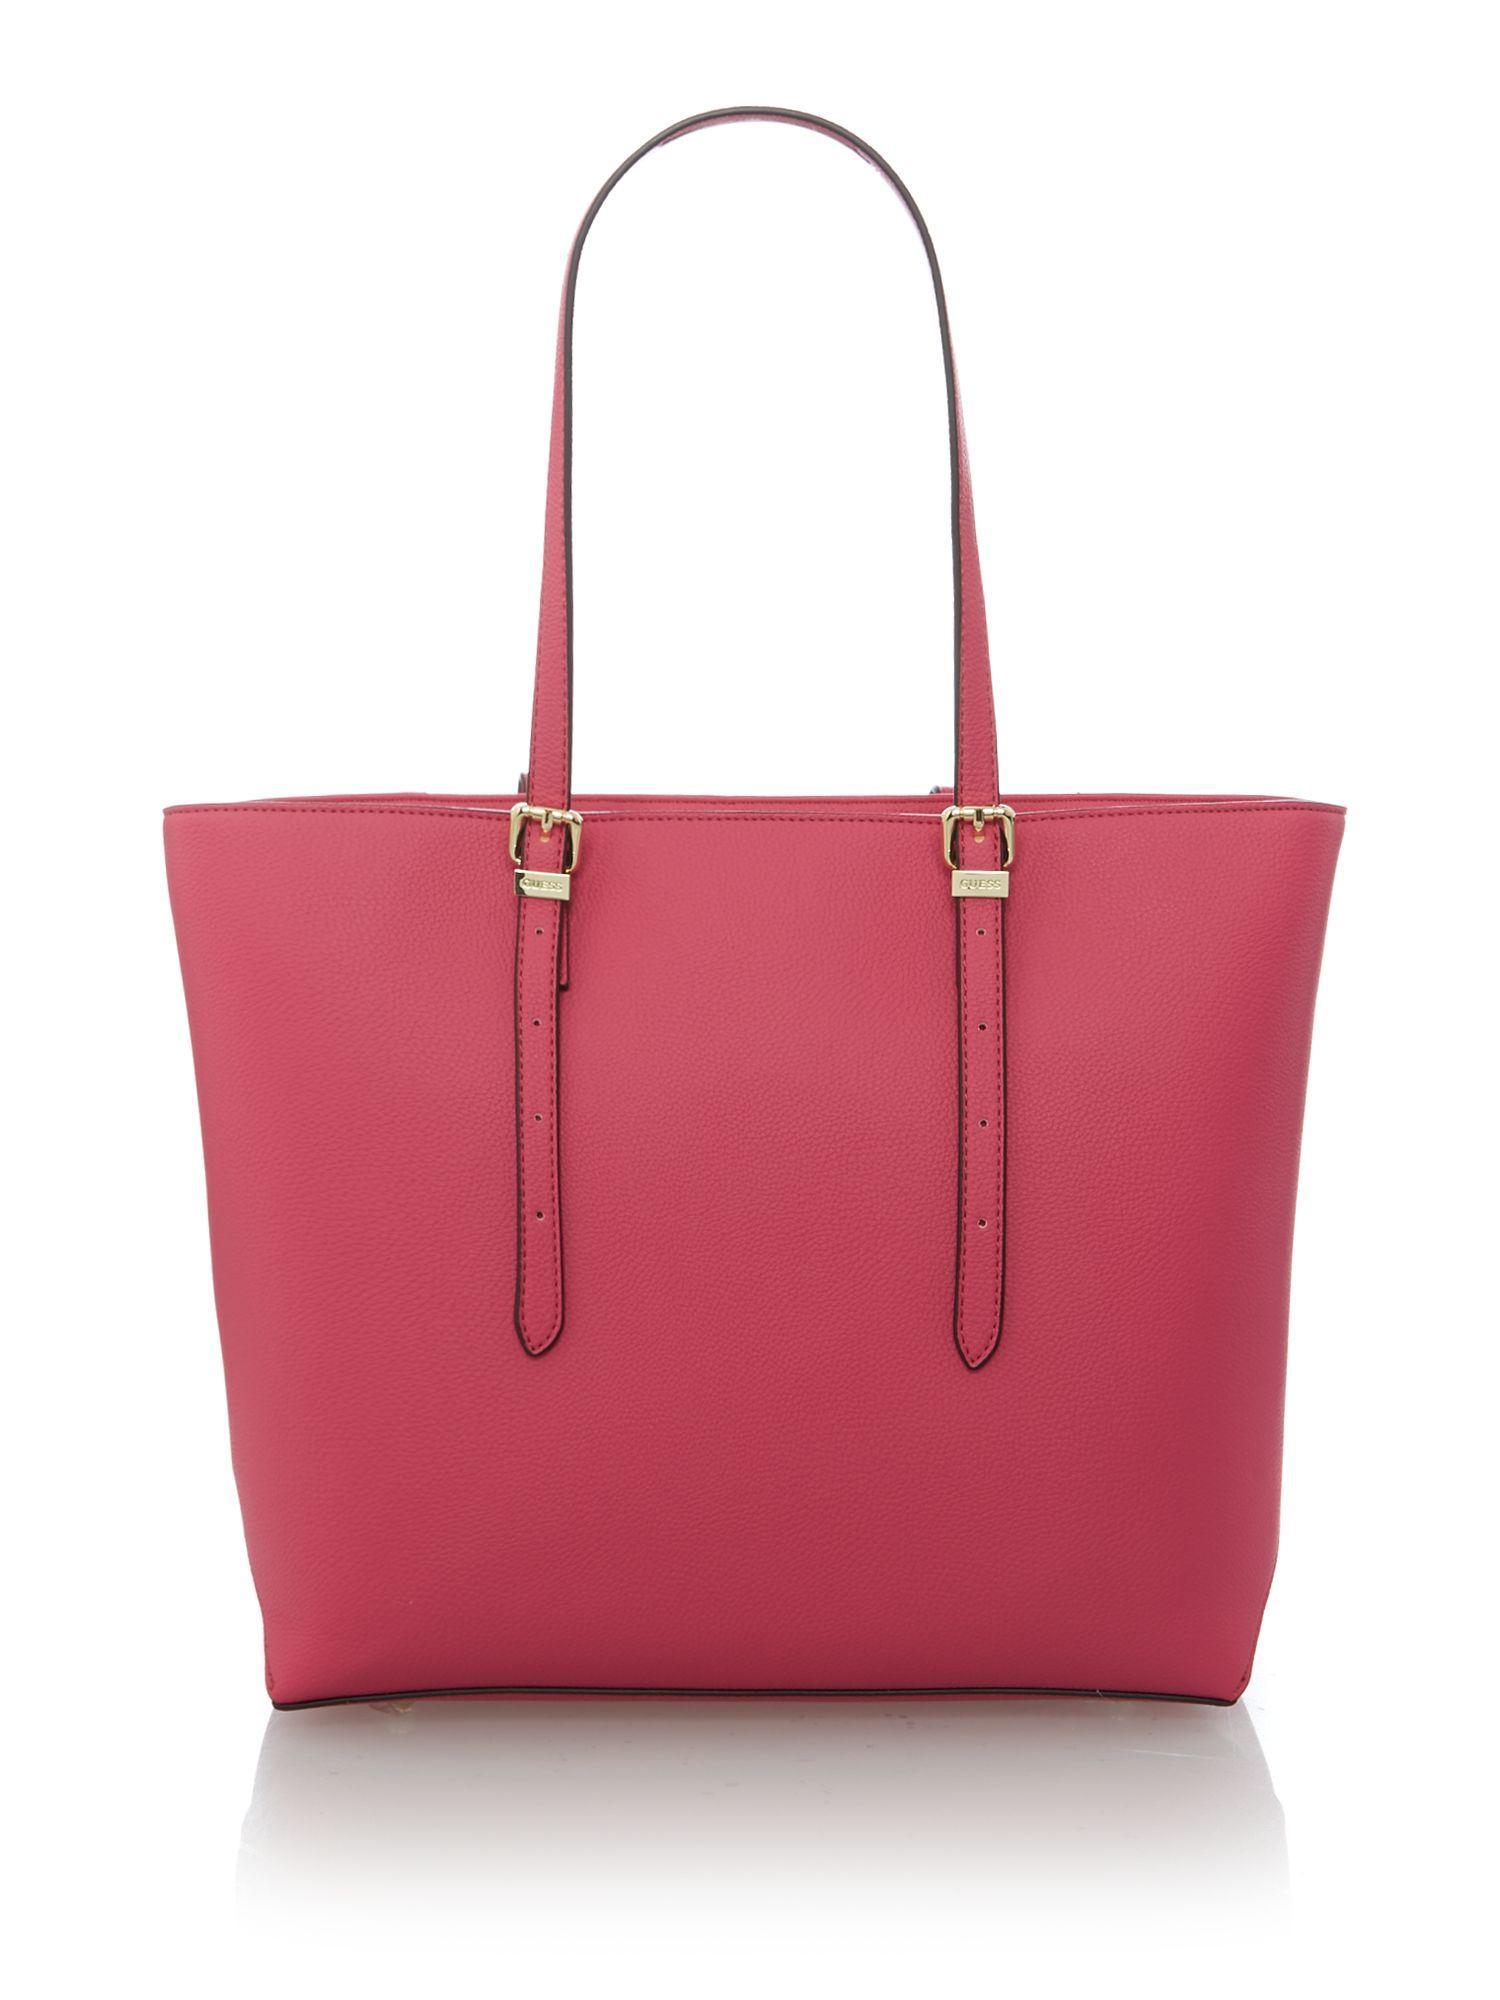 Guess Shoulder Handbags Canada